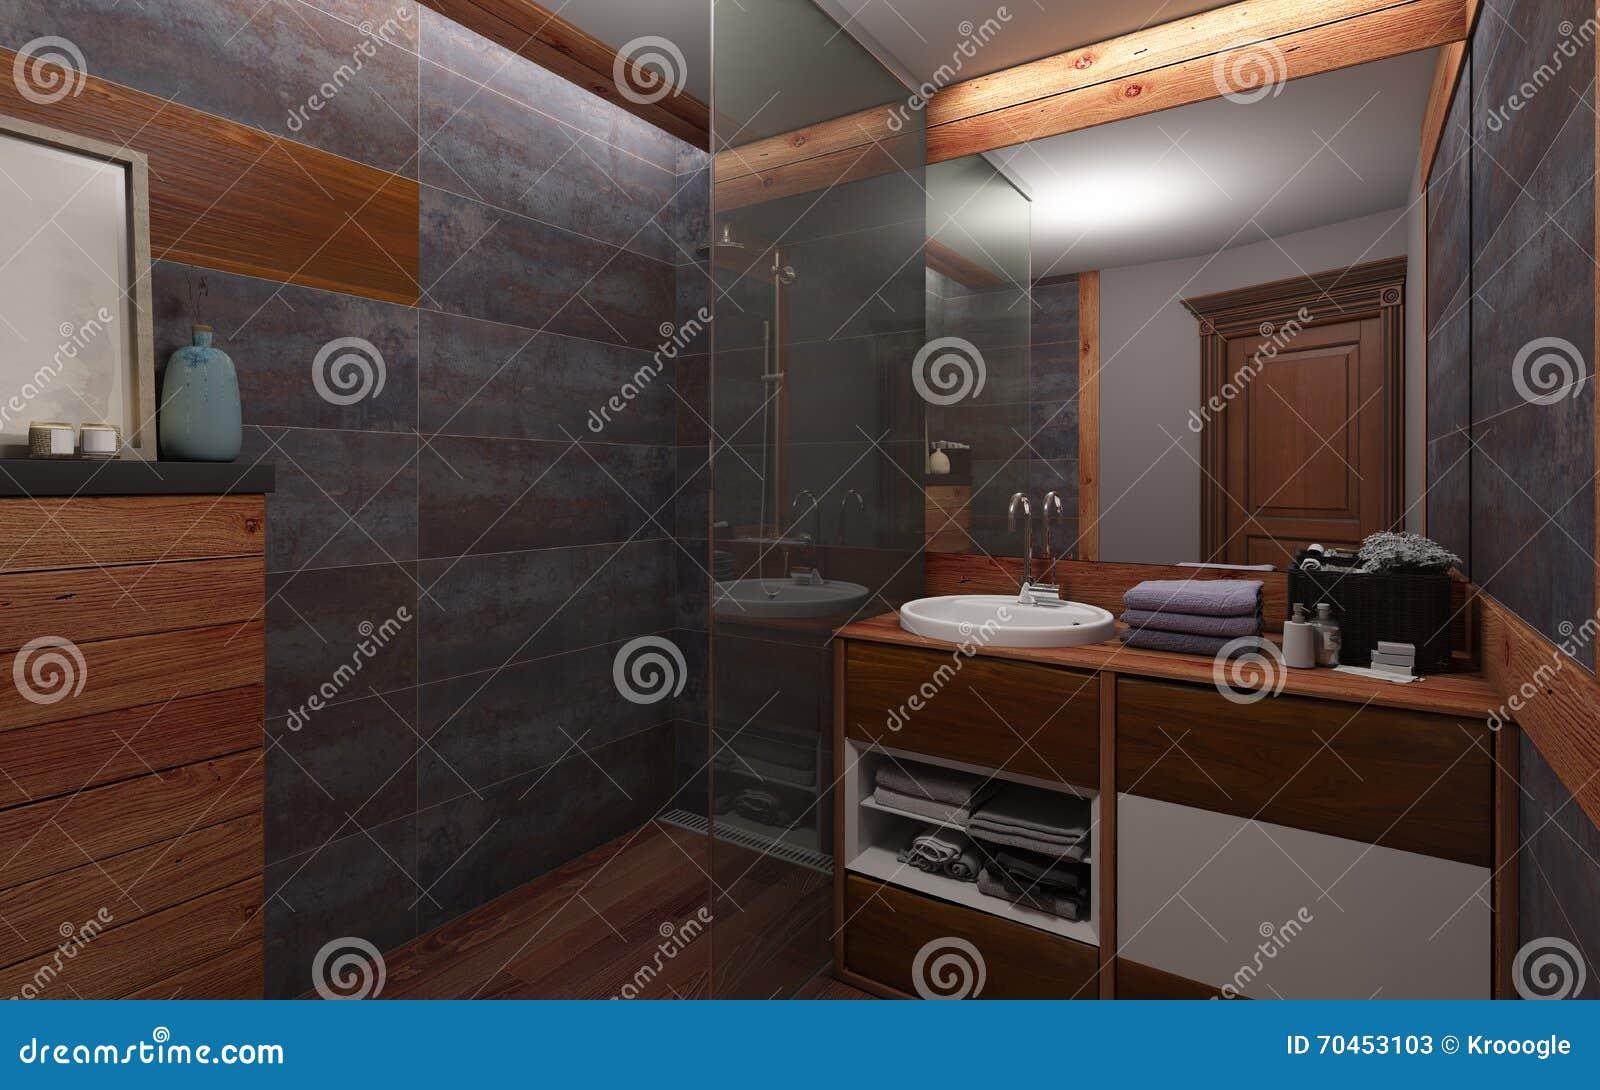 Salle De Bains En Couleur Foncee Et Bois Image Stock Image Du